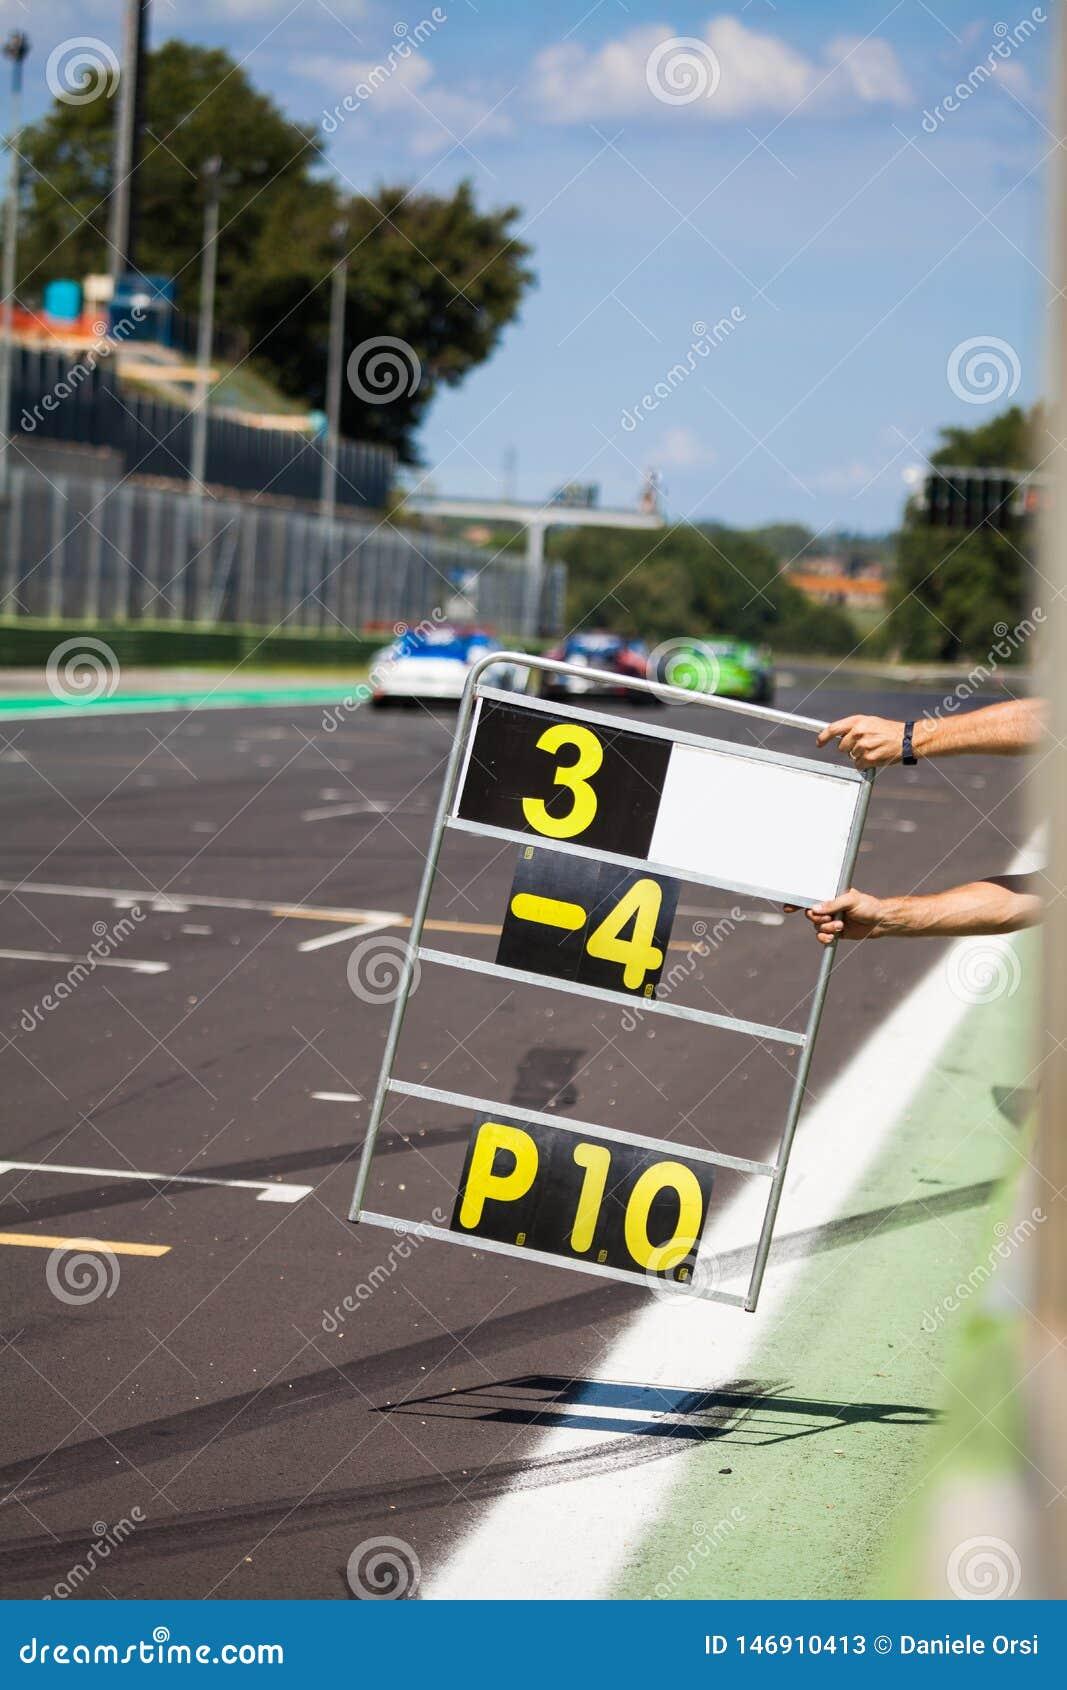 Cuenta de revestimientos en la pista durante la raza de supercars